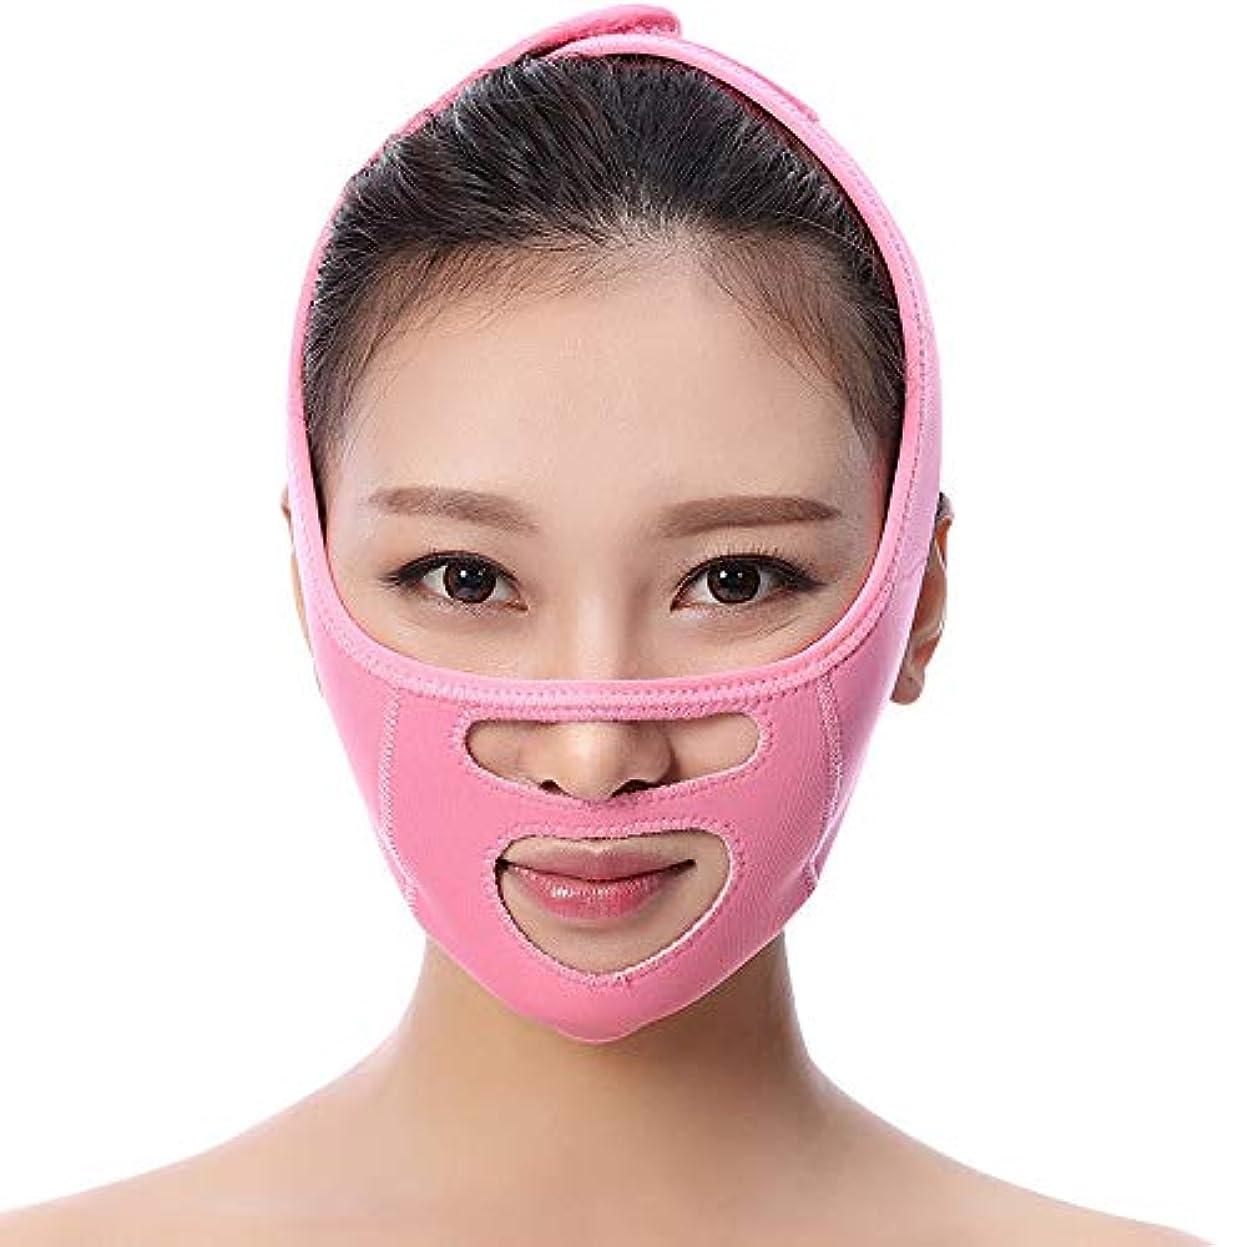 シンカン勝利した燃料フェイスリフトマスク、睡眠薄型フェイスベルトリフティングパーマネントビューティーvフェイスバンデージダブルチンアーチファクト,Pink